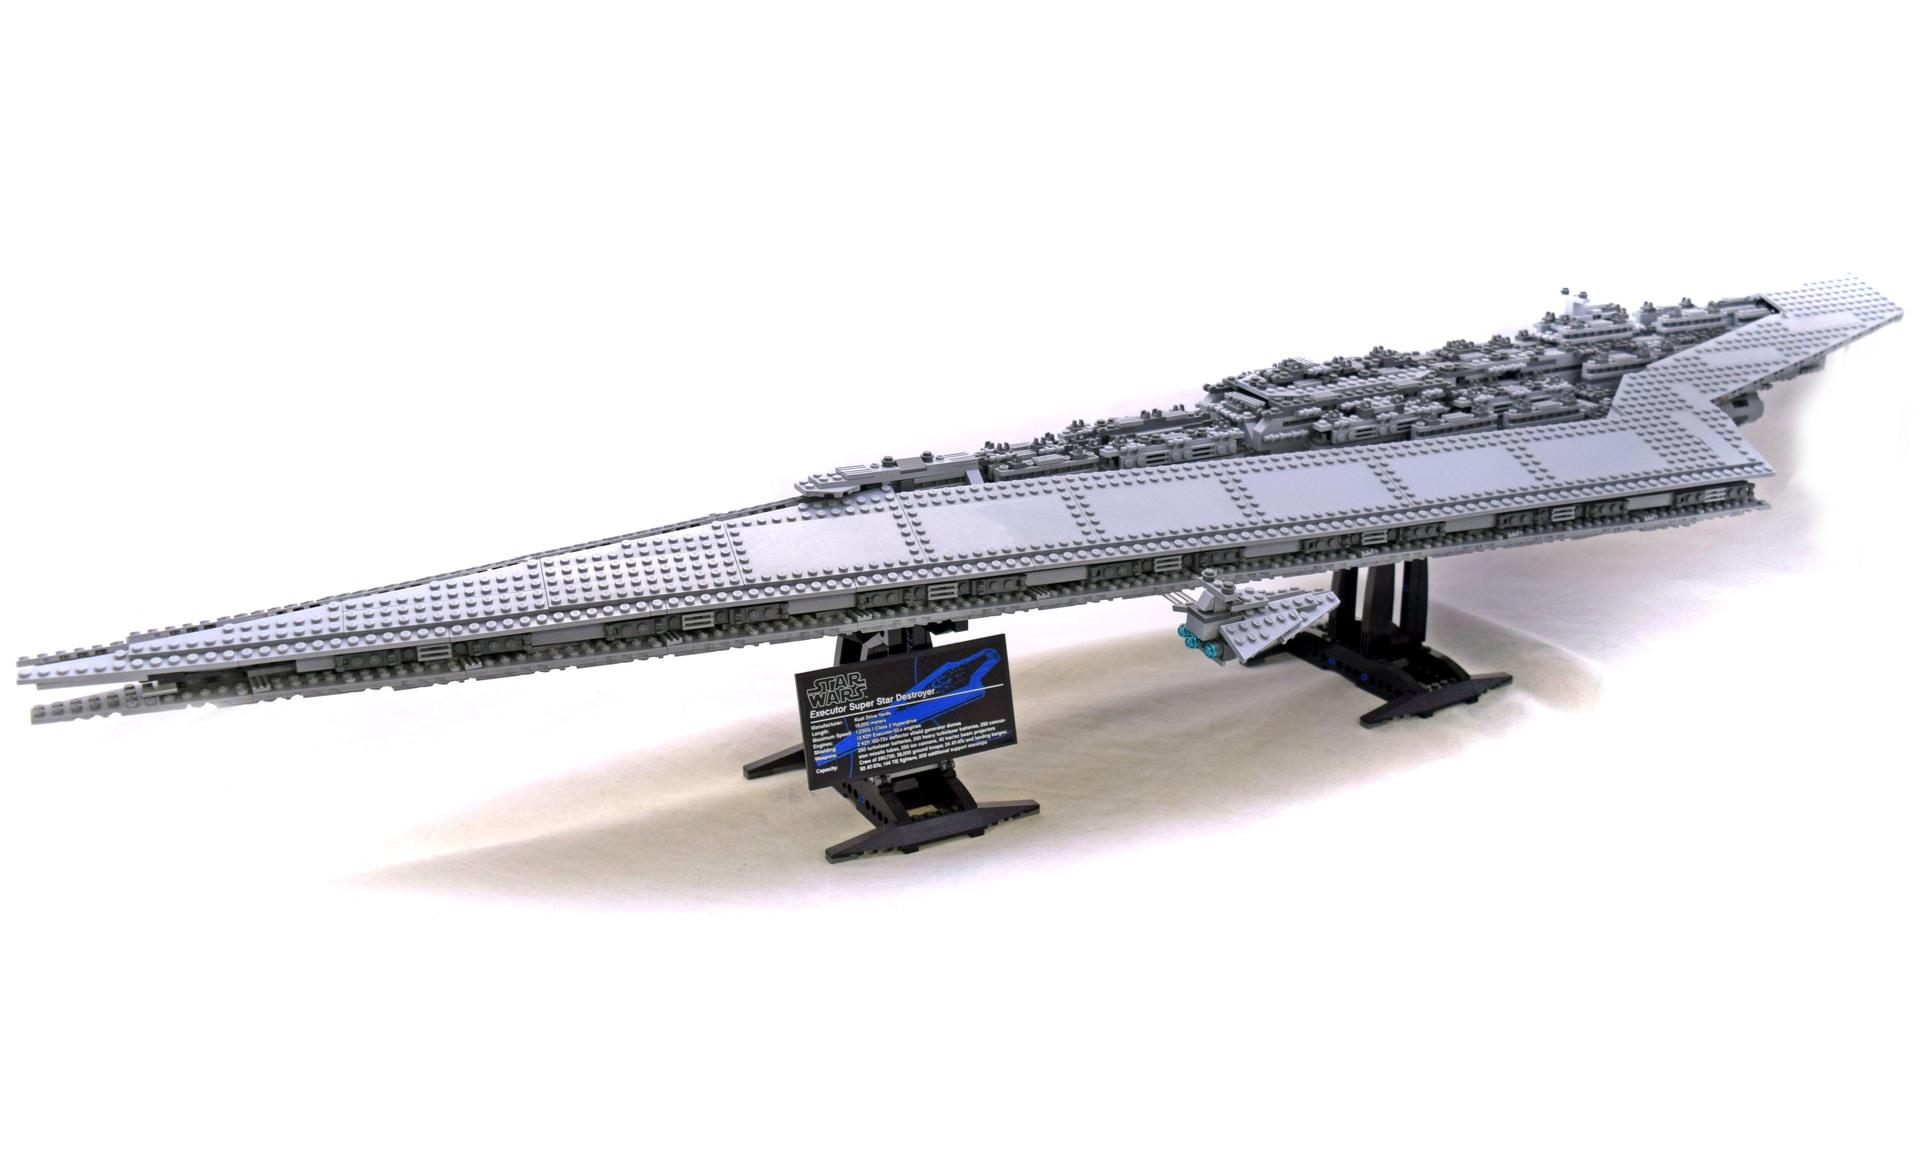 LEGO Star Wars 10221 Super Star Destroyer